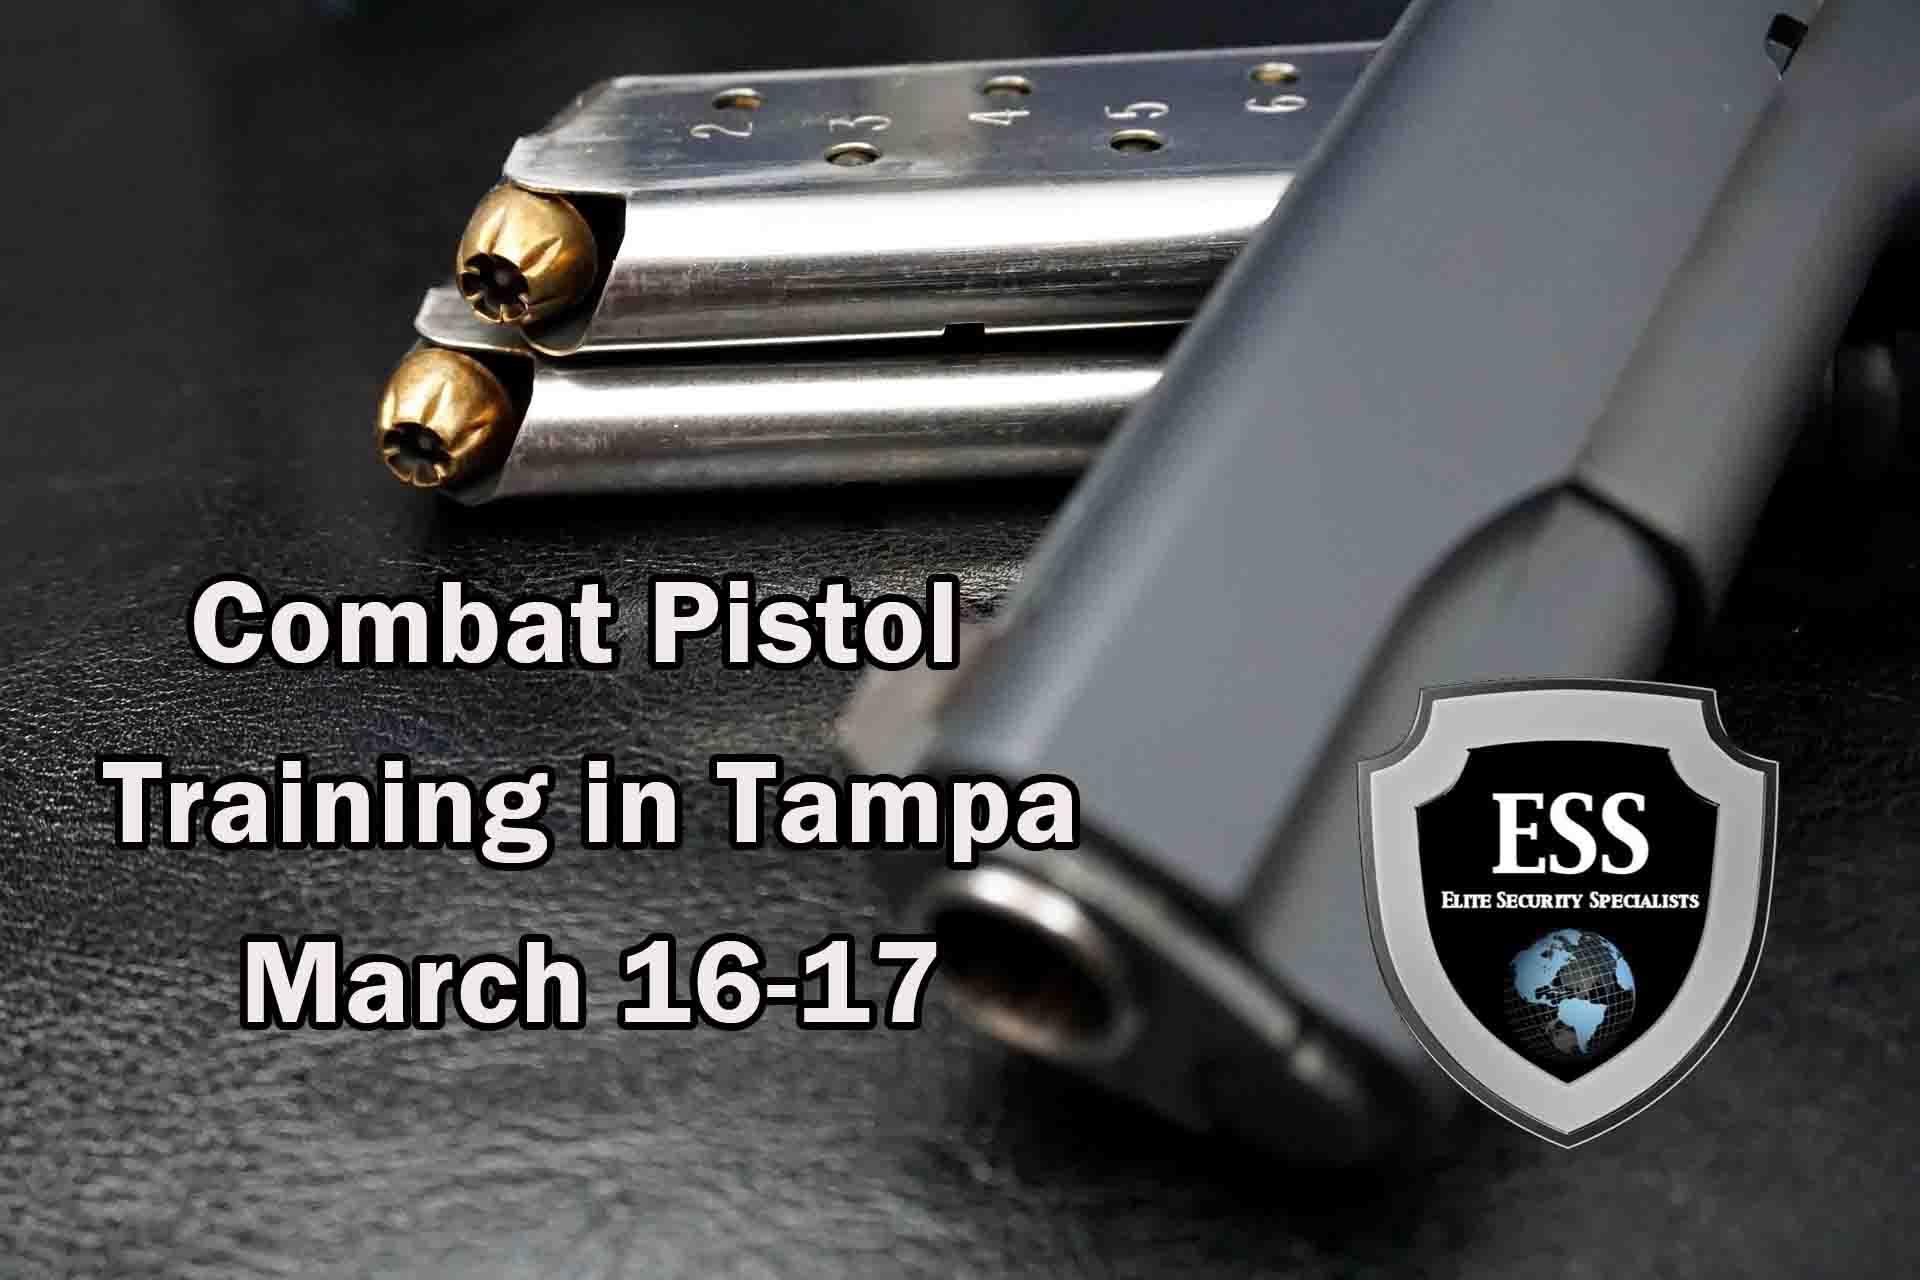 Combat Pistol Training in Tampa 2